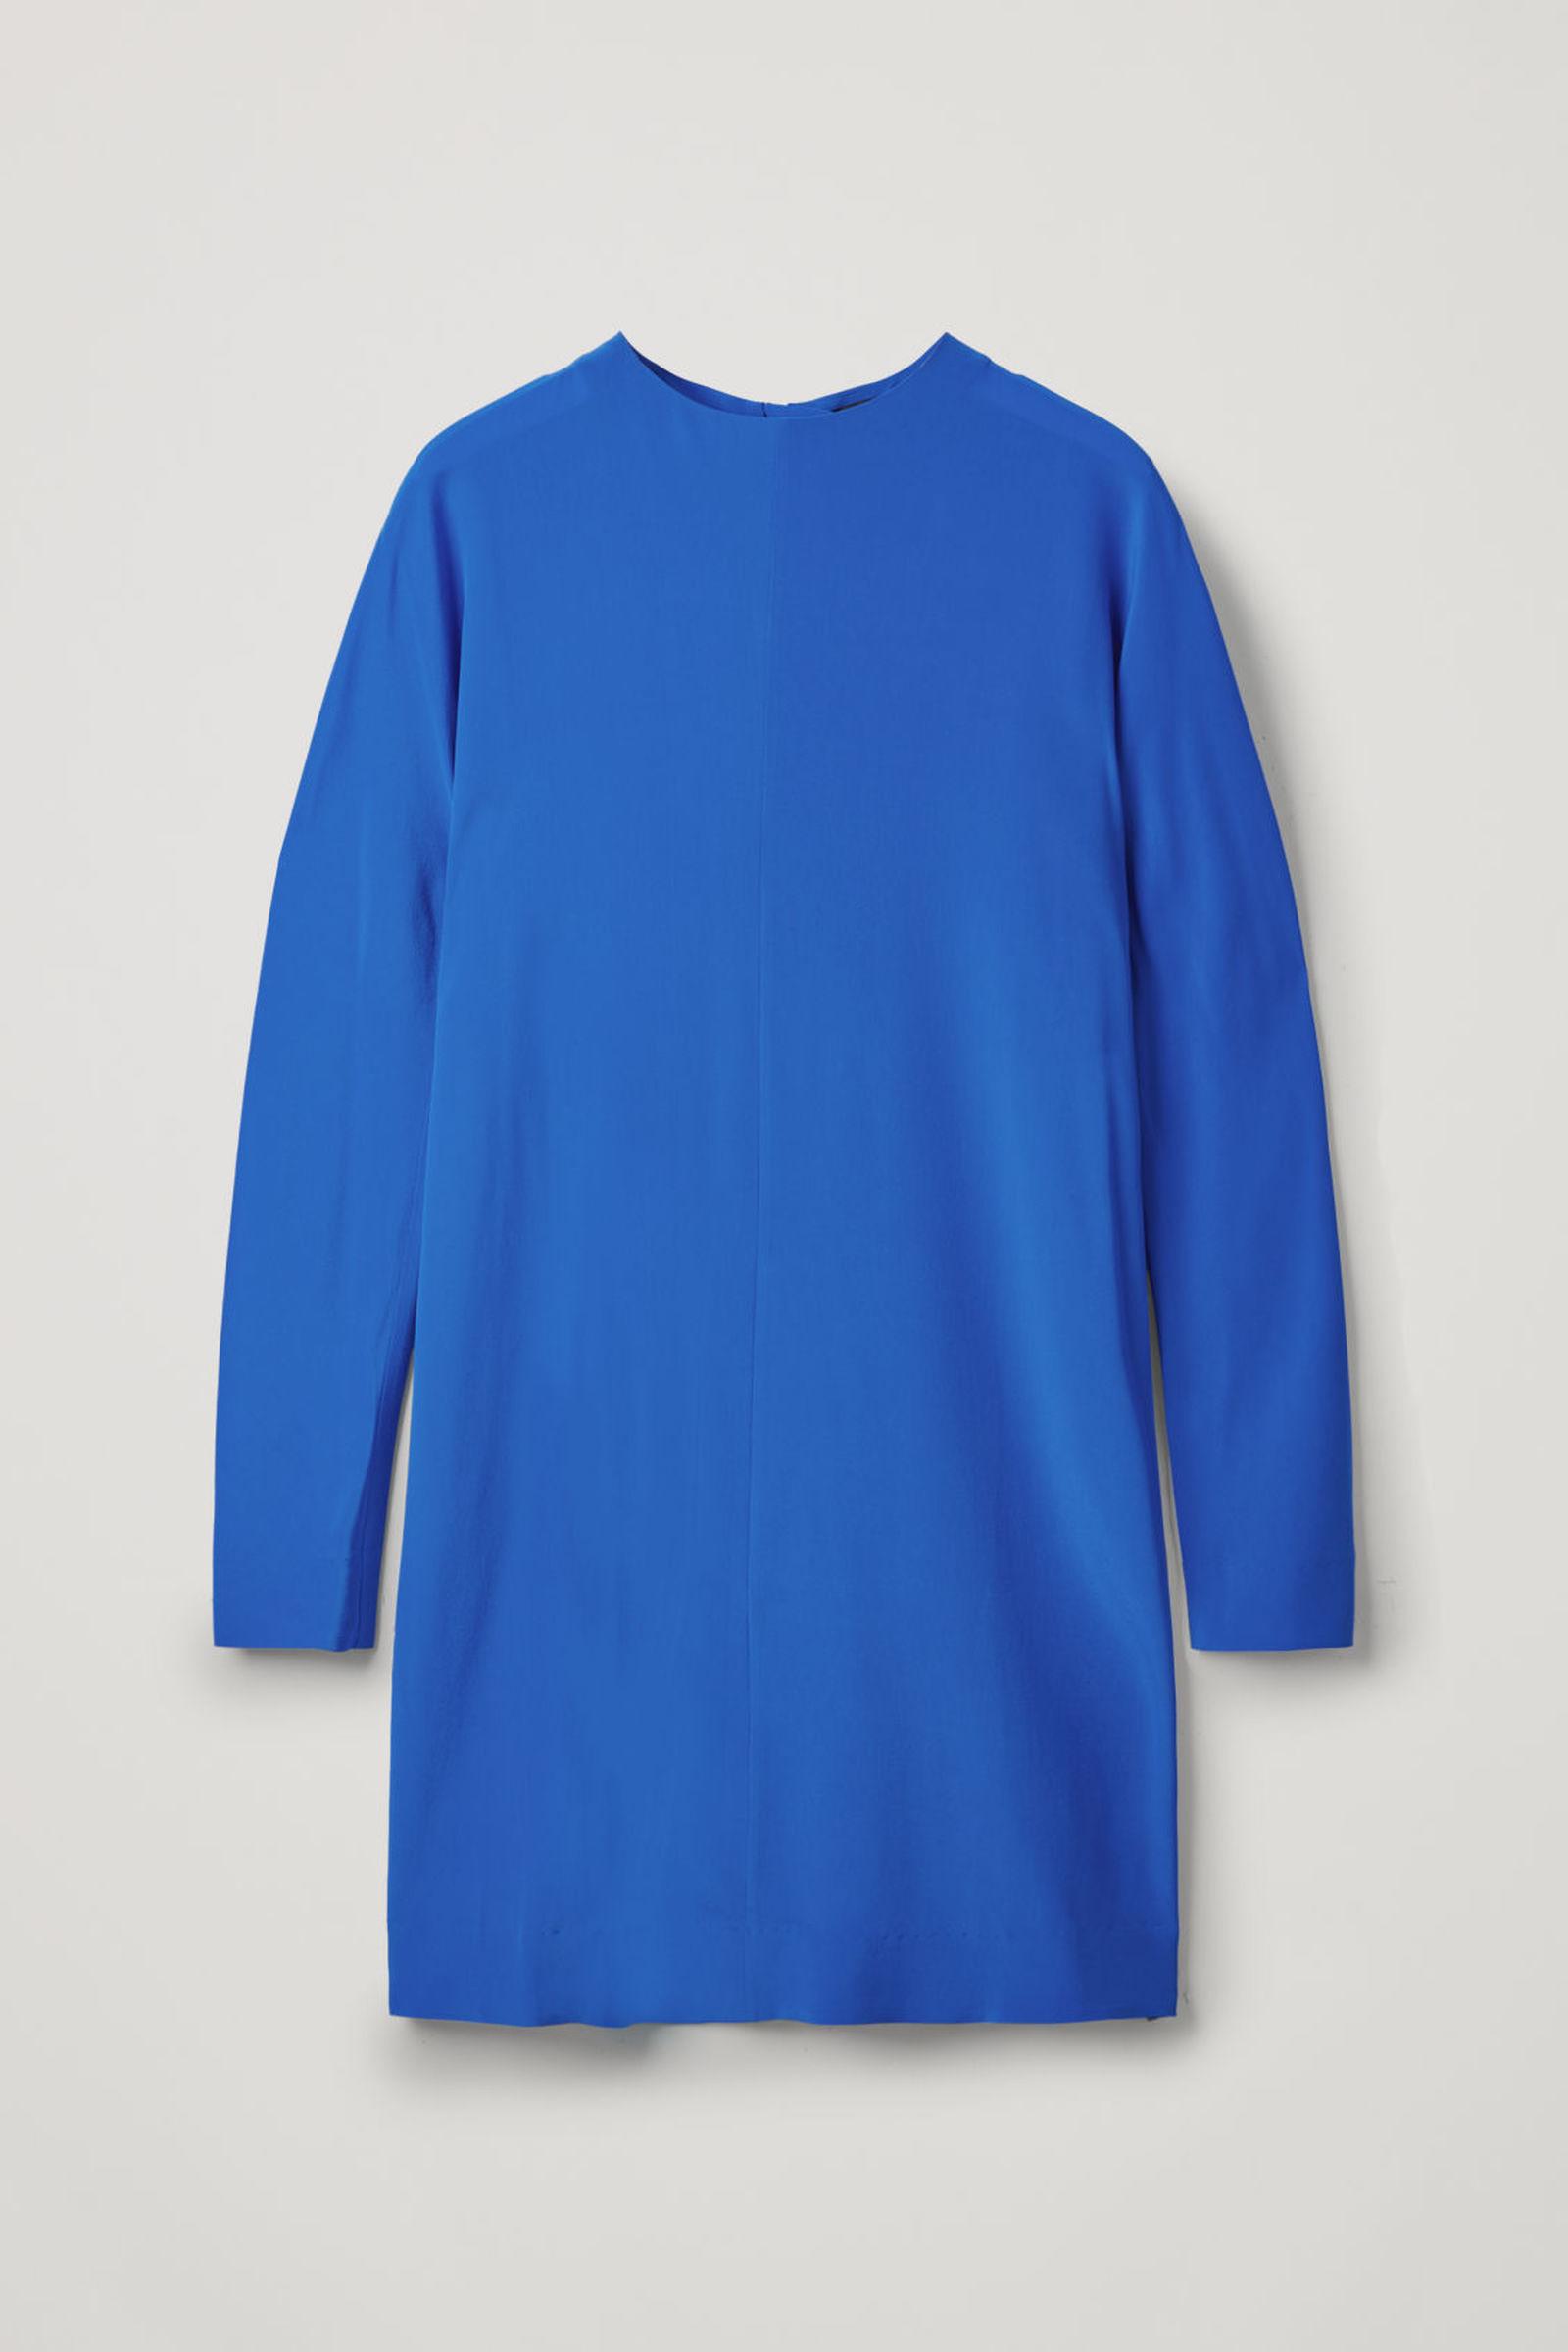 COS 지퍼 멀버리 실크 드레스의 블루컬러 Product입니다.